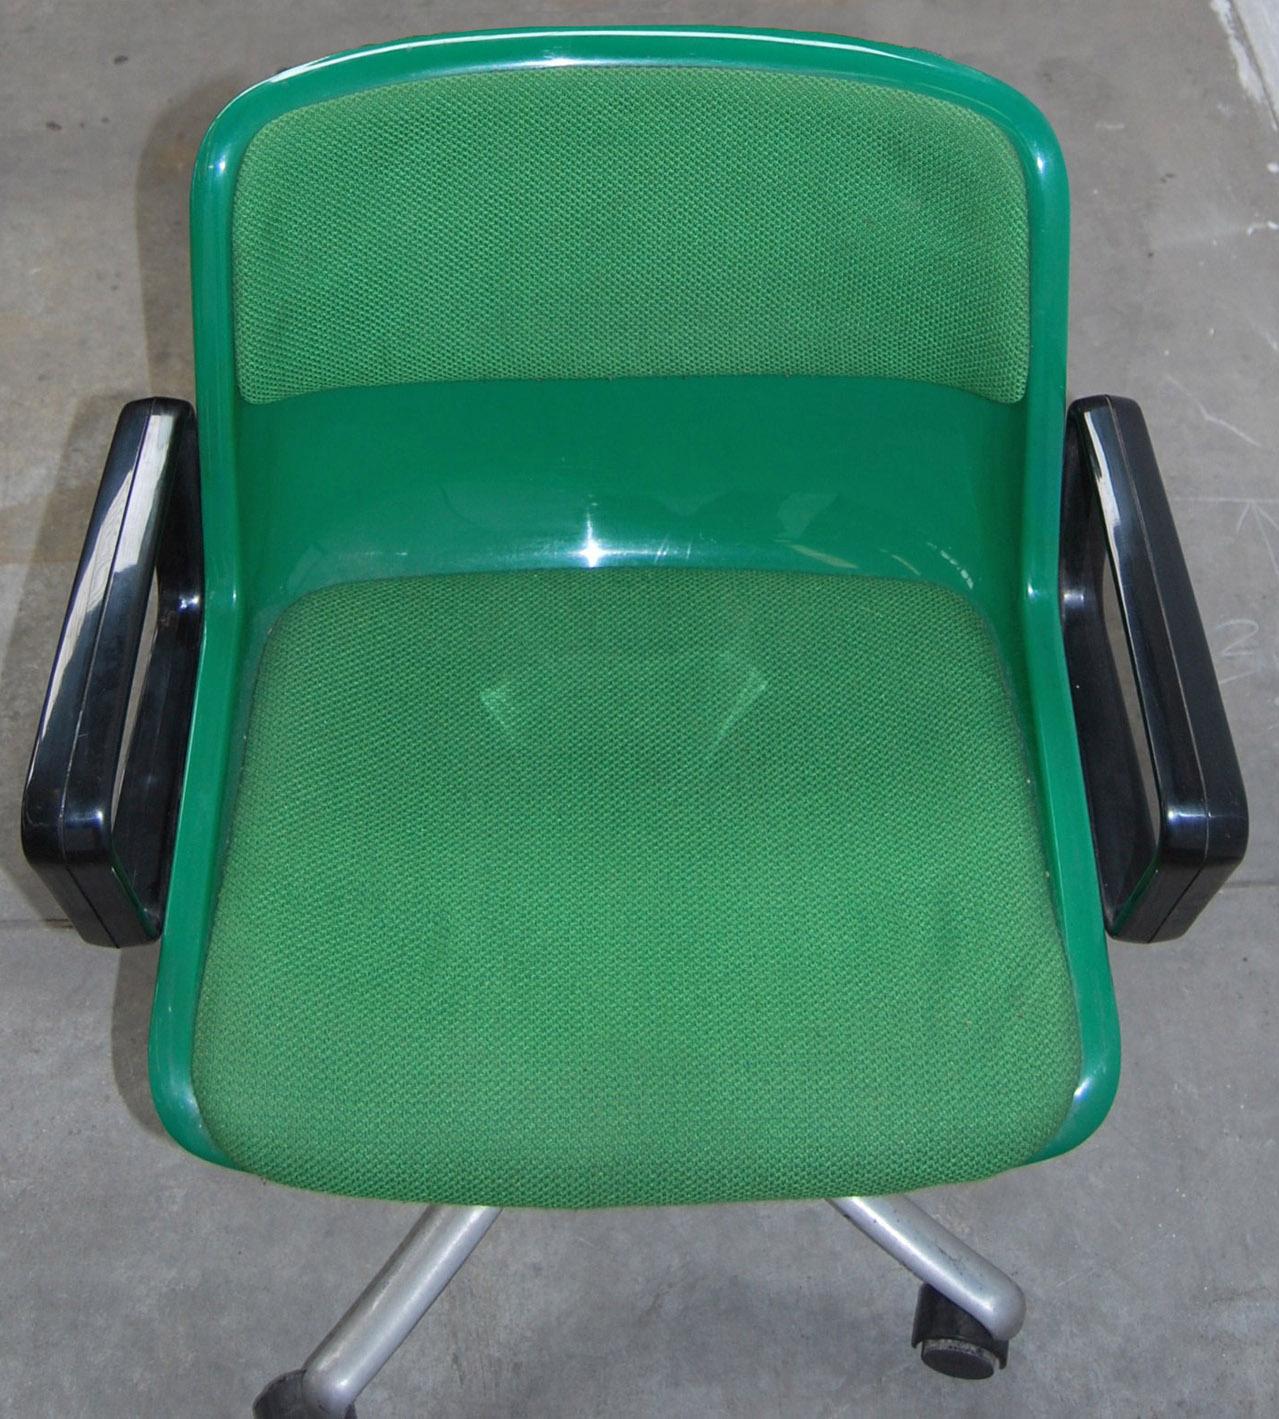 Modus chair, Tecno - Deesup